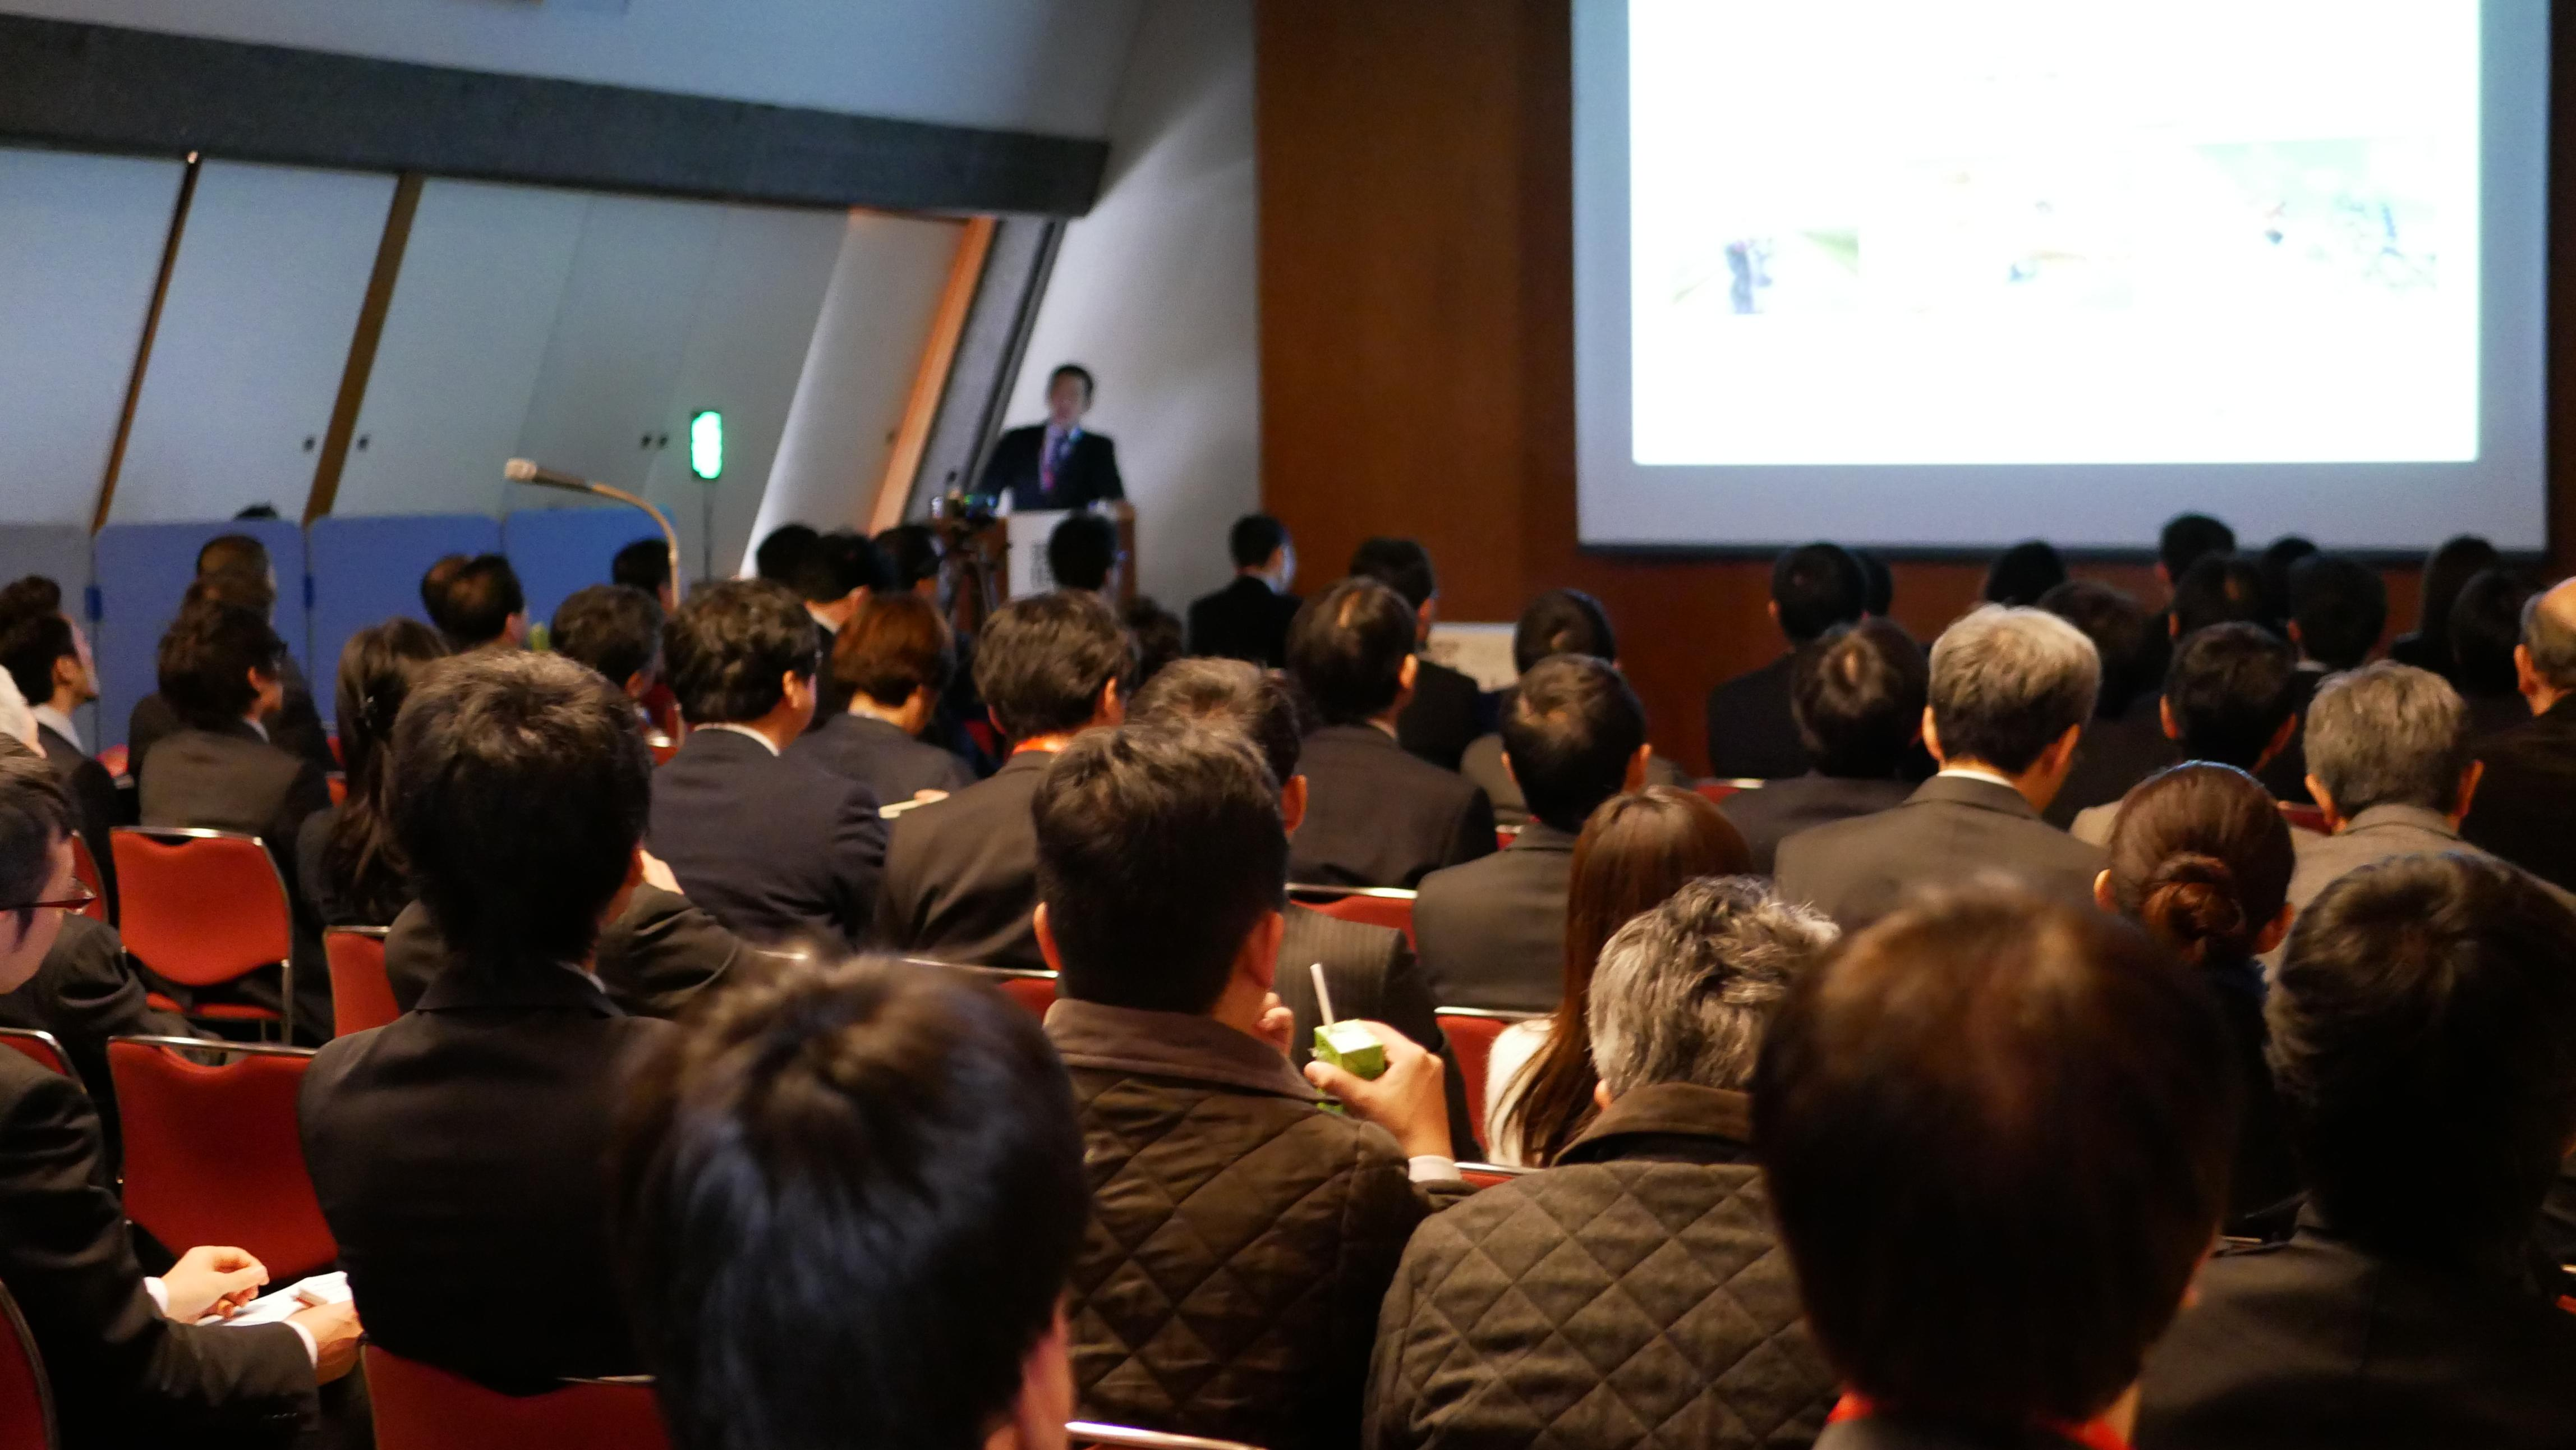 内視鏡外科学会総会ランチョンセミナーの様子.JPG